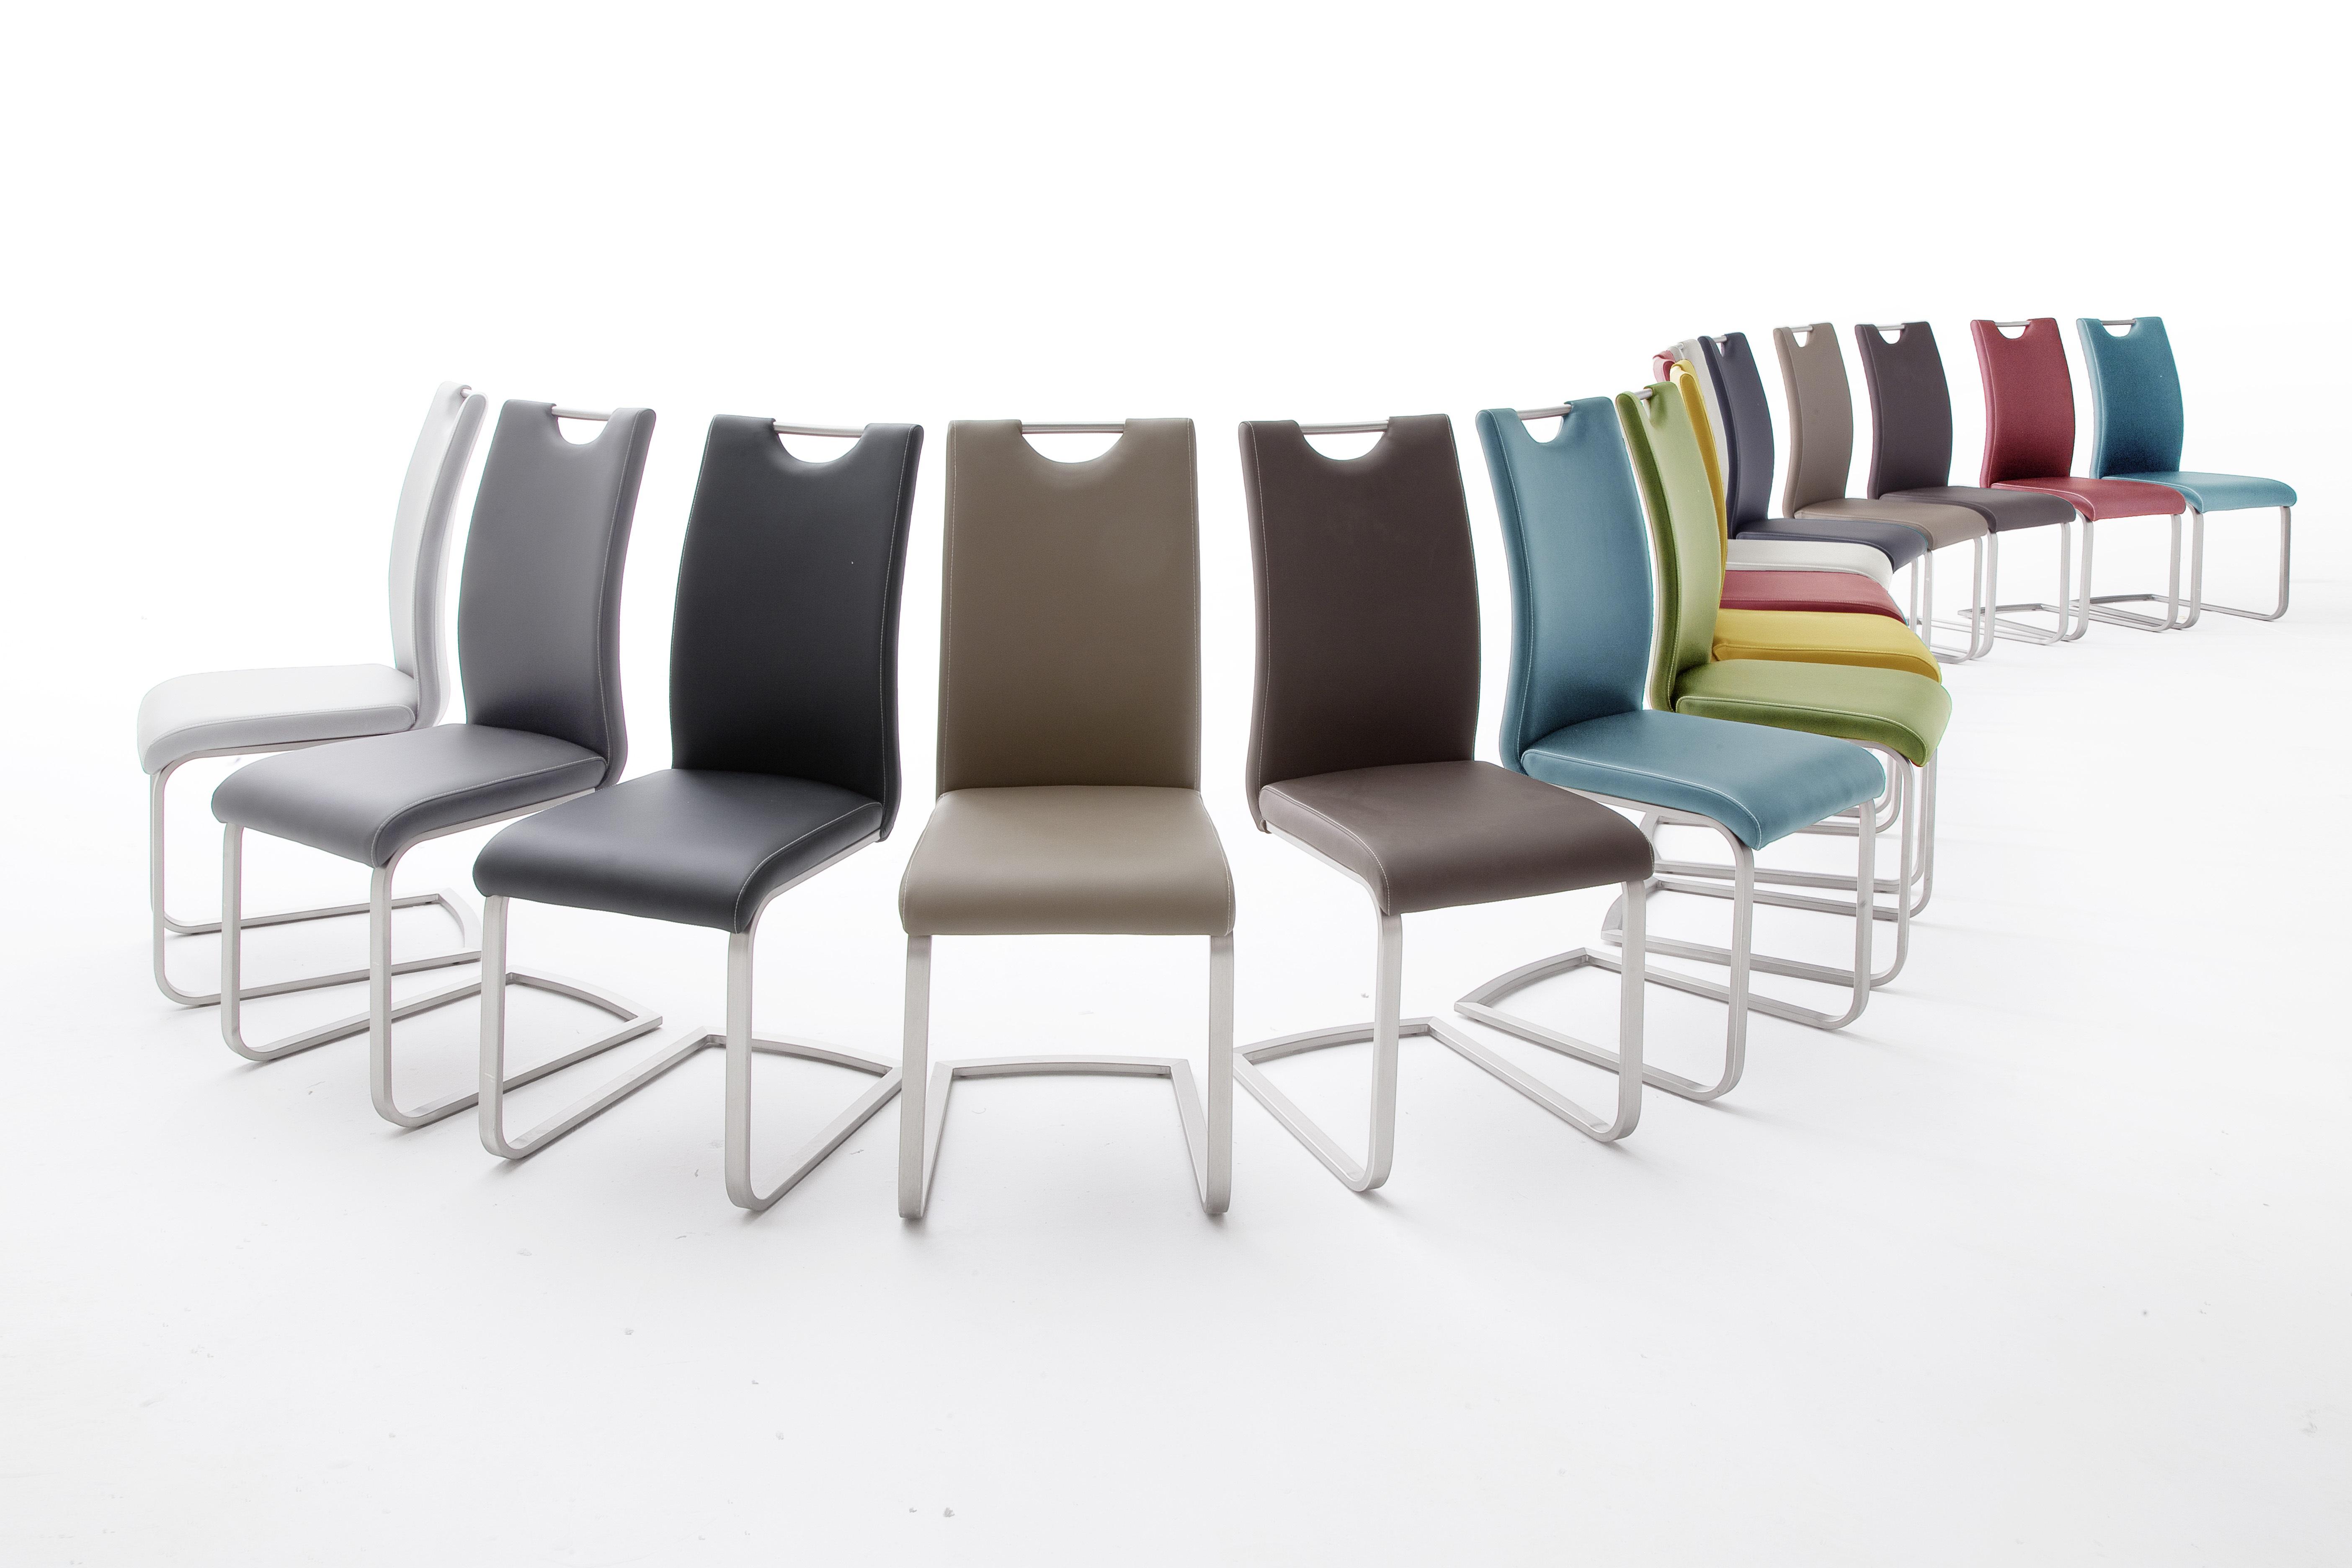 Witte Eetkamer Stoel : Eetkamerstoel diverse kleuren zwarte en witte hoogglans meubelen